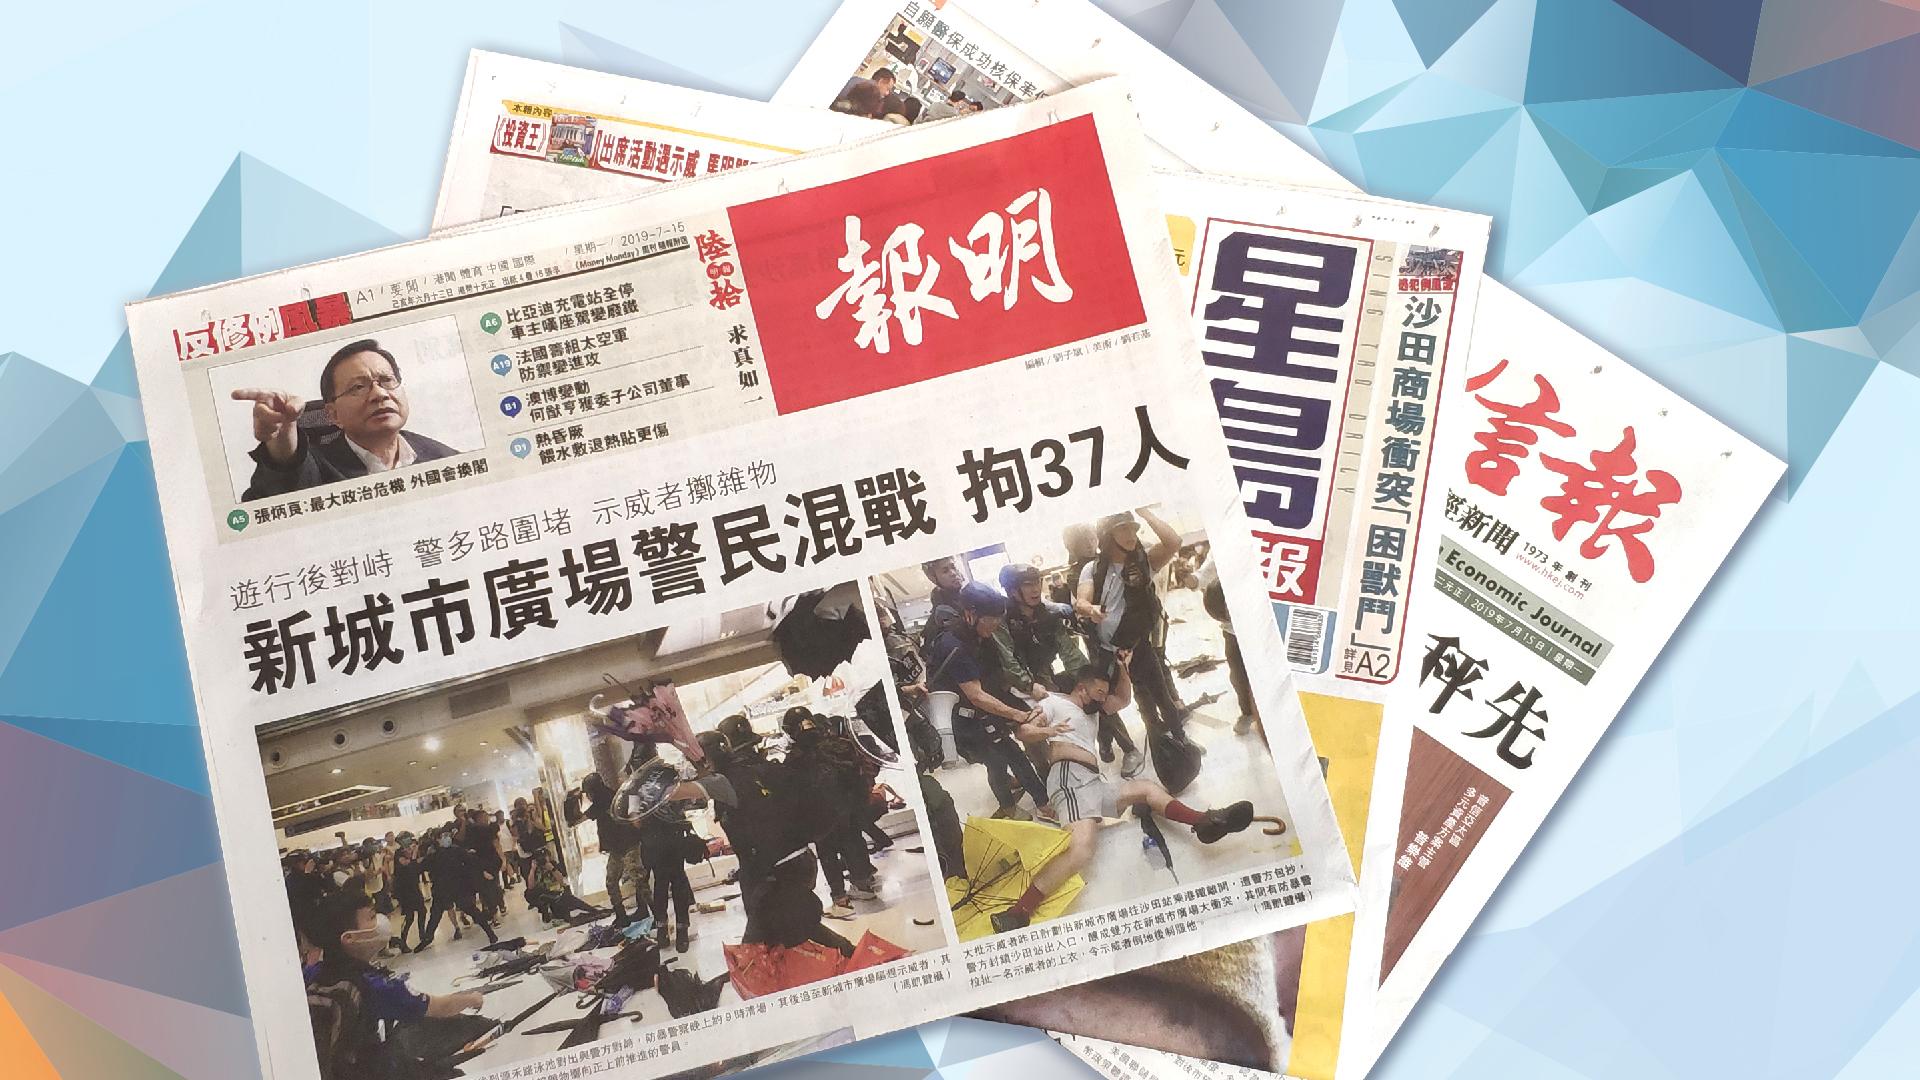 【報章A1速覽】新城市廣場警民混戰 拘37人;外資基金看好A股 內需秤先